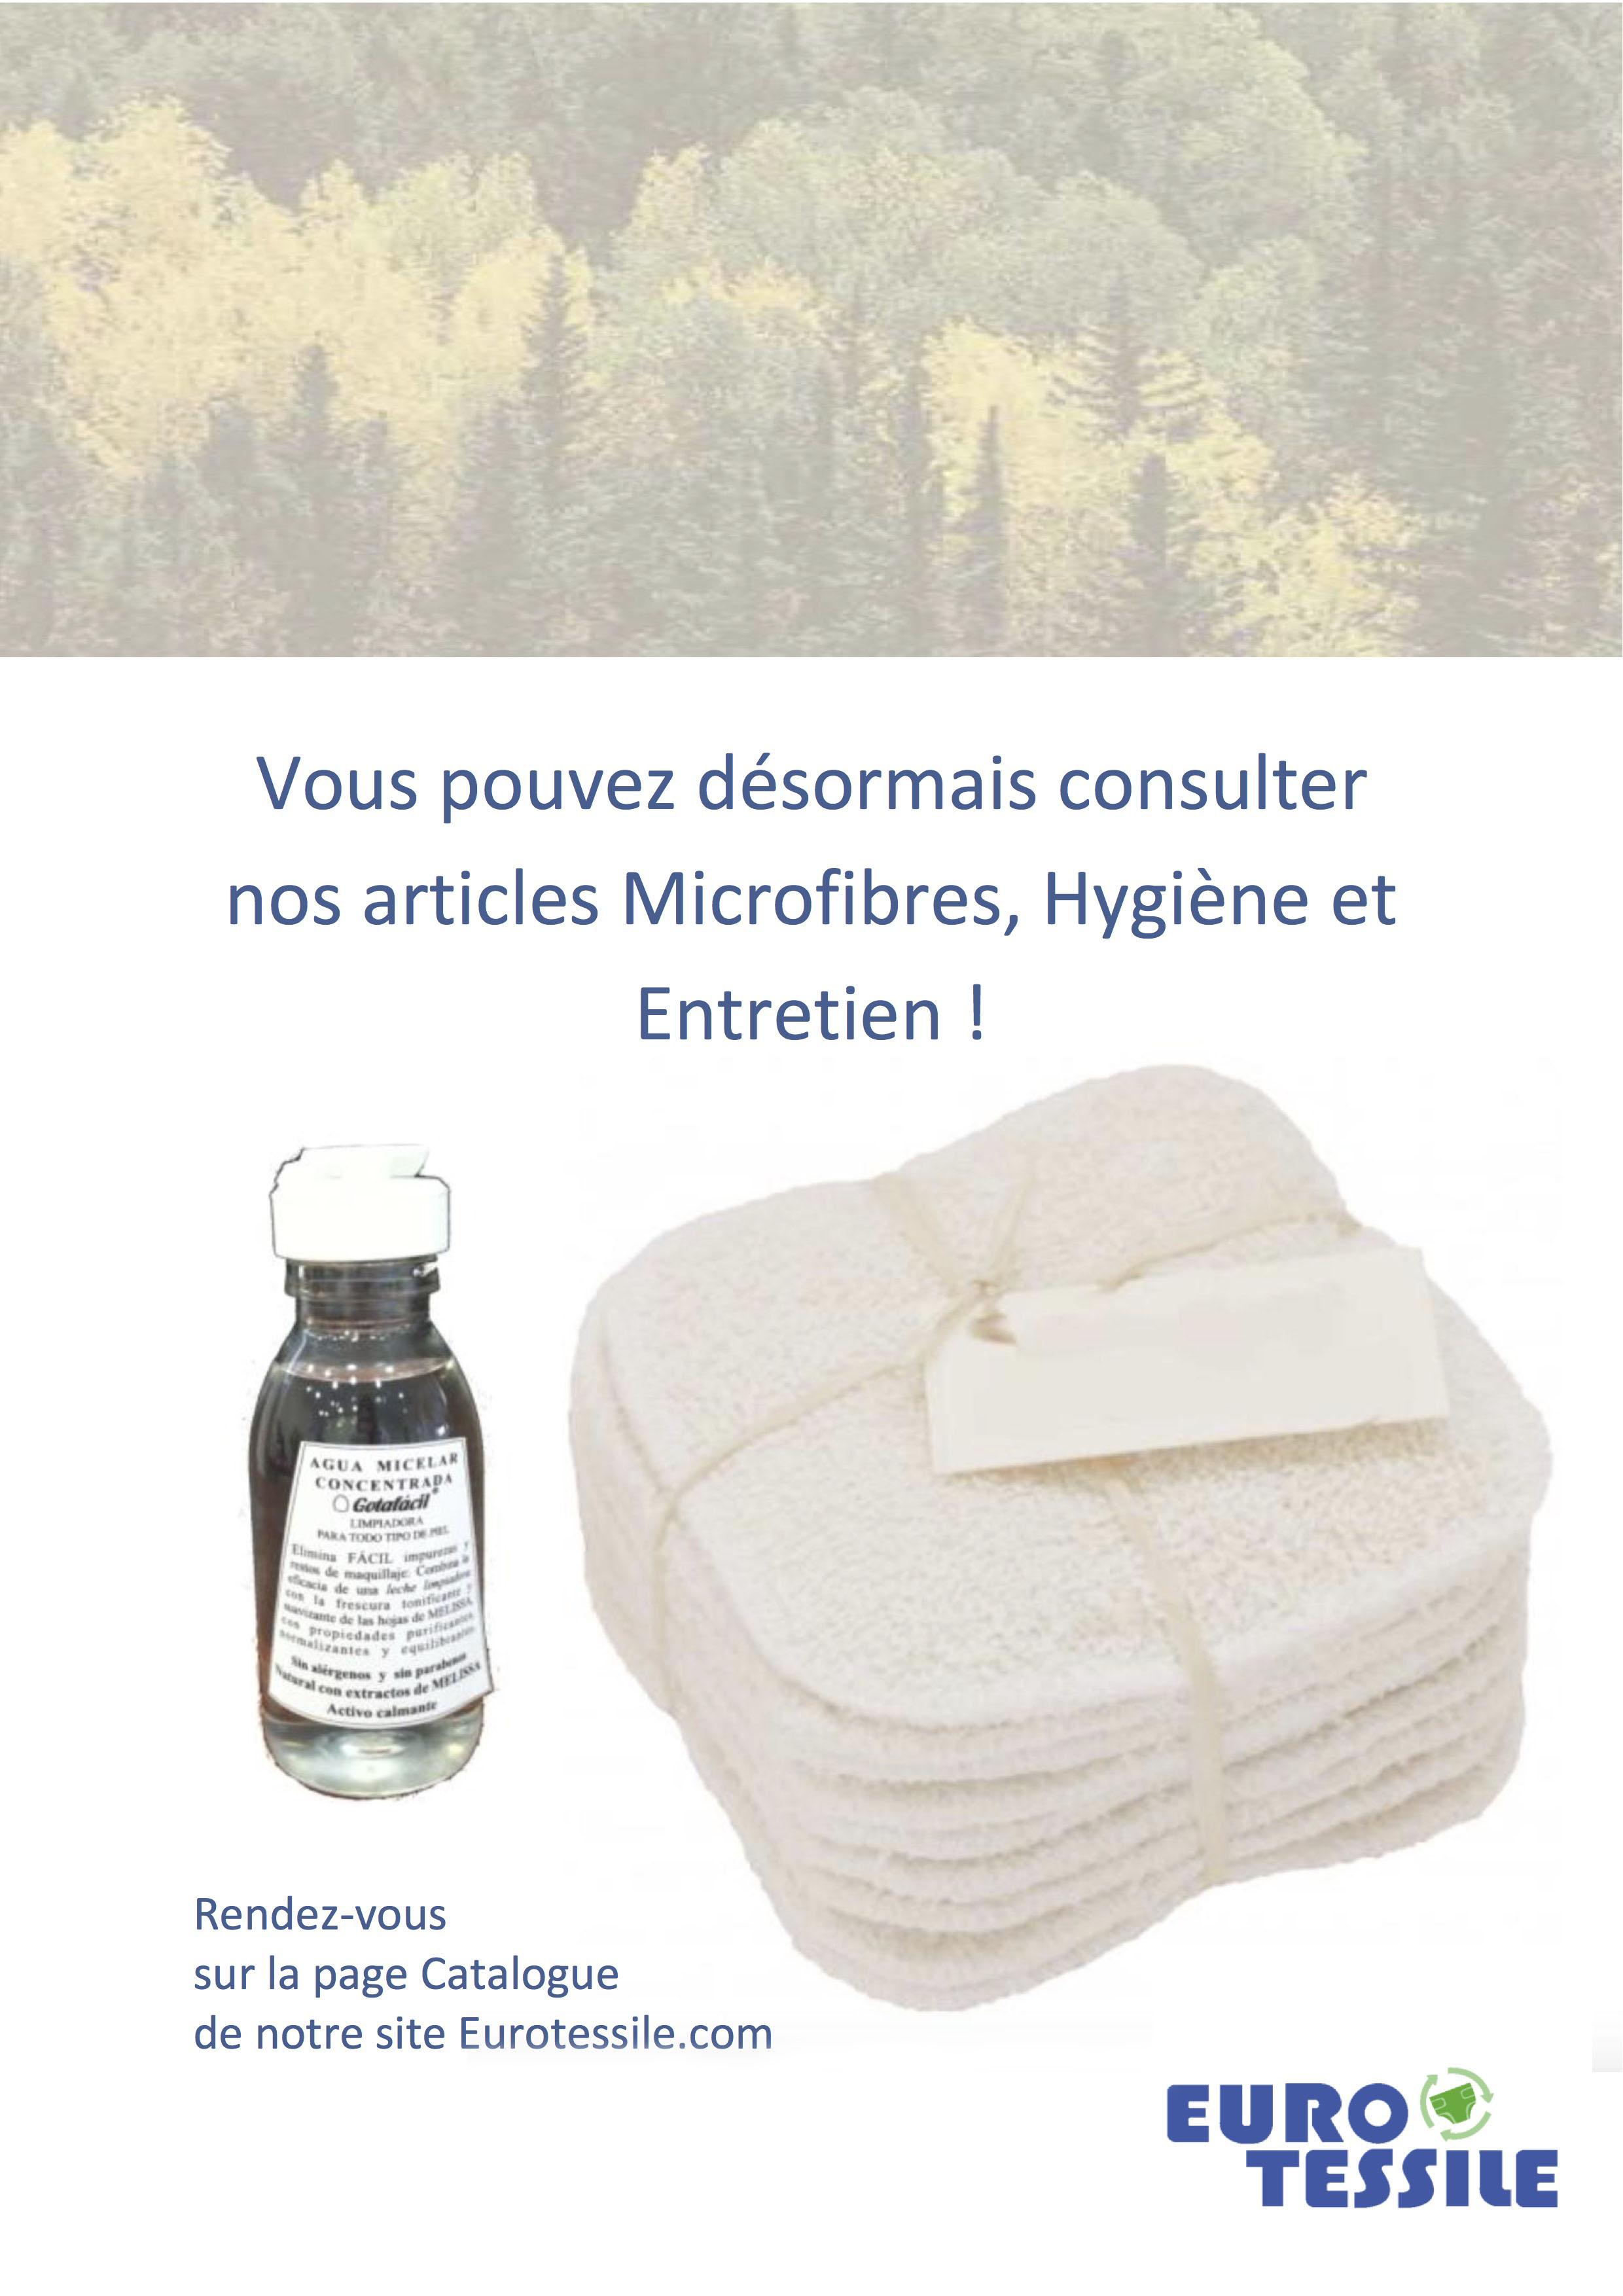 Retrouvez Dès Maintenant Nos Produits D'hygiène Et D'entretien